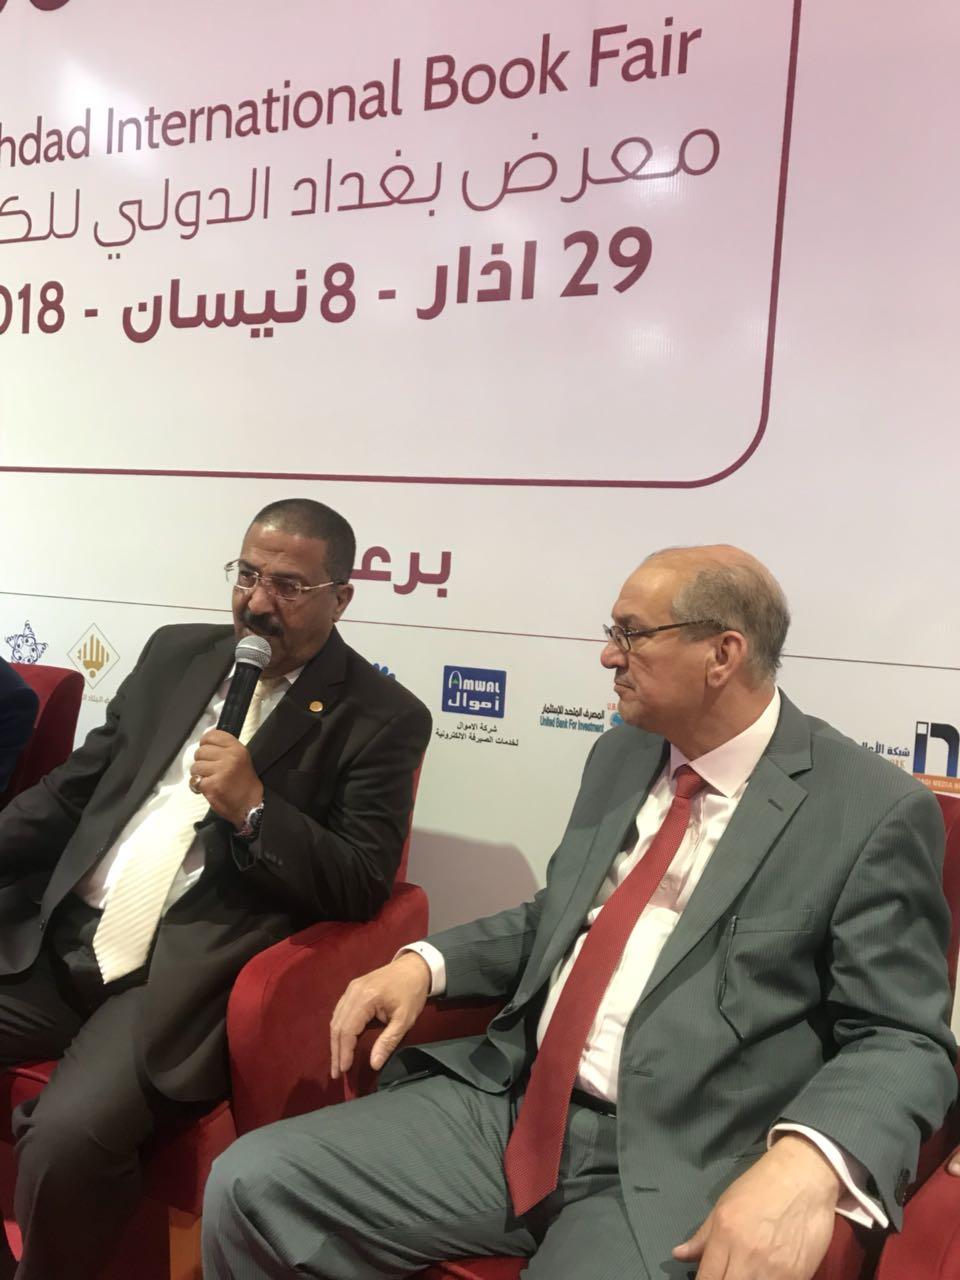 الناشرين المصريين يكرم مدير معرض بغداد (2)